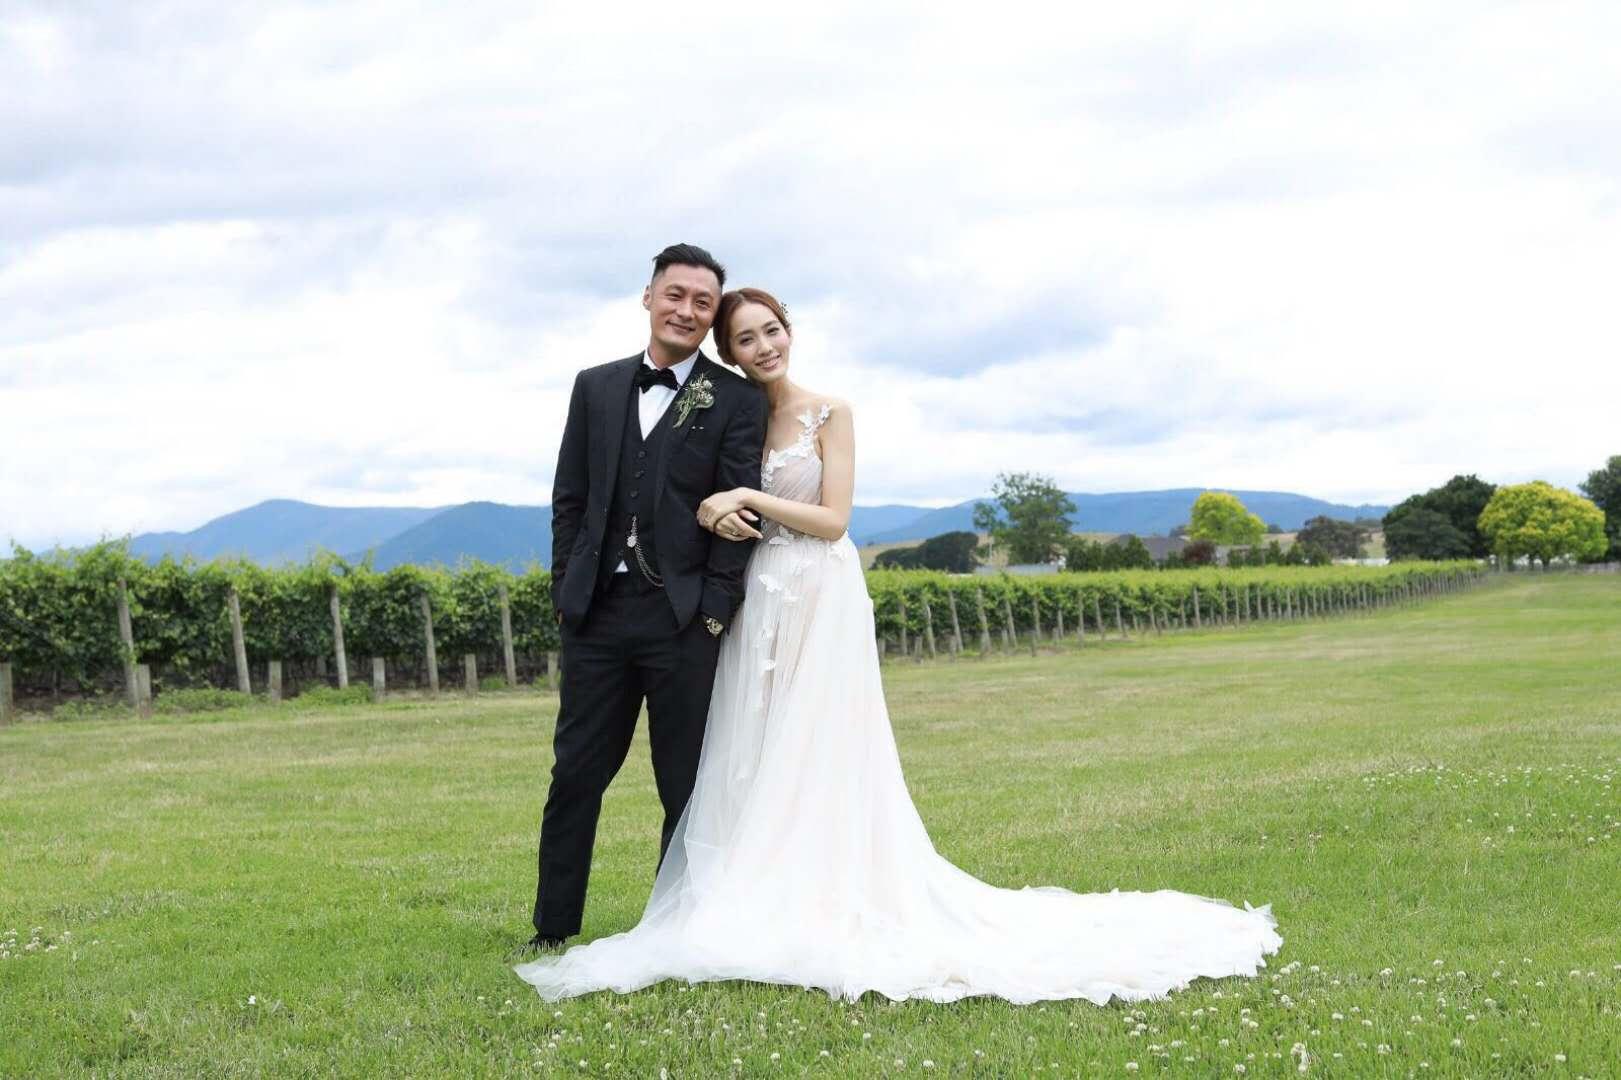 余文乐晒照宣布结婚:感谢你的纯真让我的世界变得简单快乐!